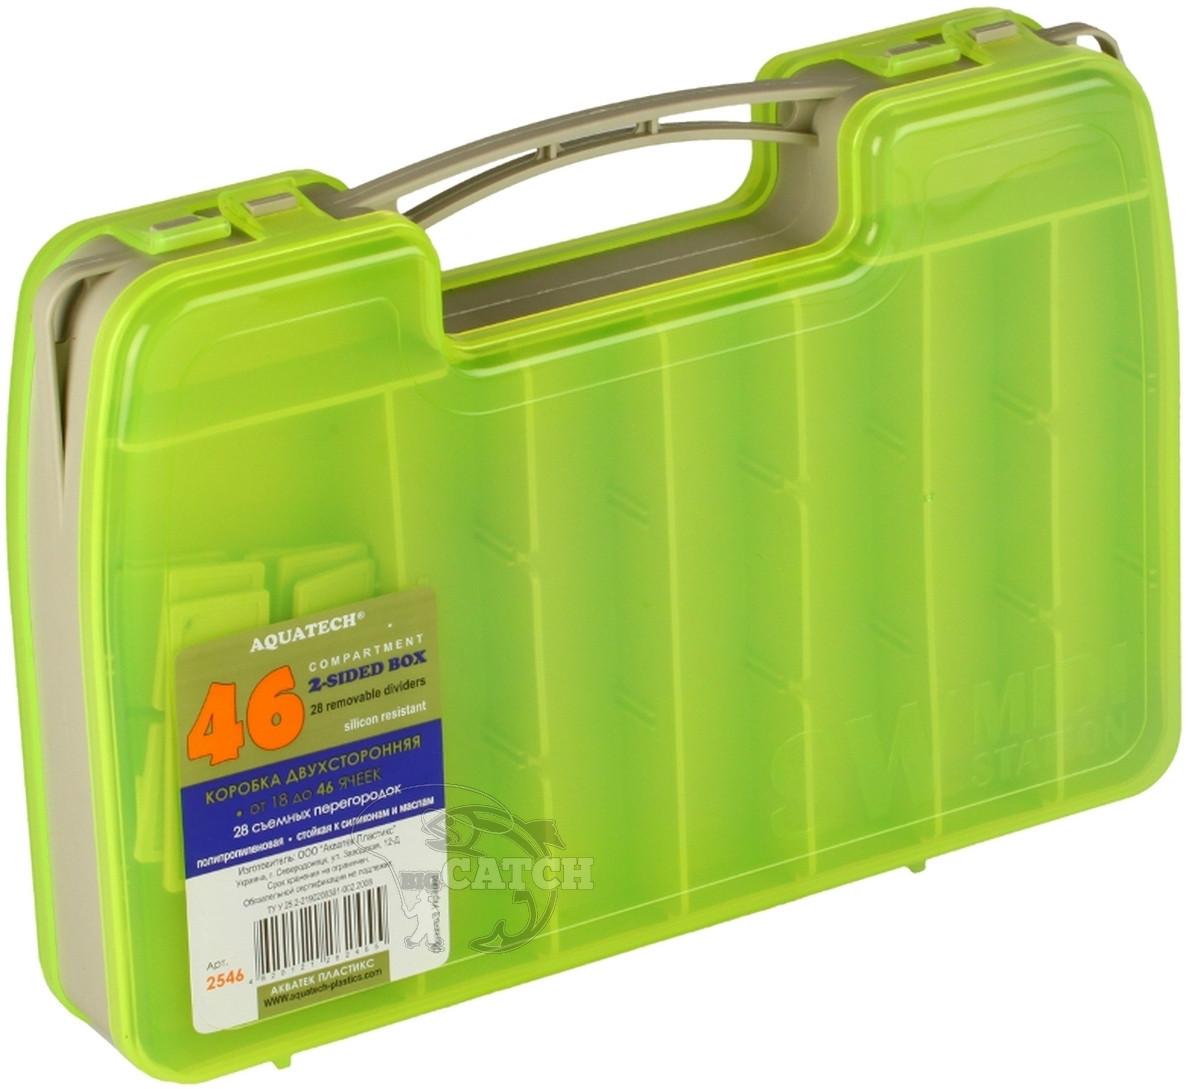 Коробка Aquatech 2546 2-х сторонняя